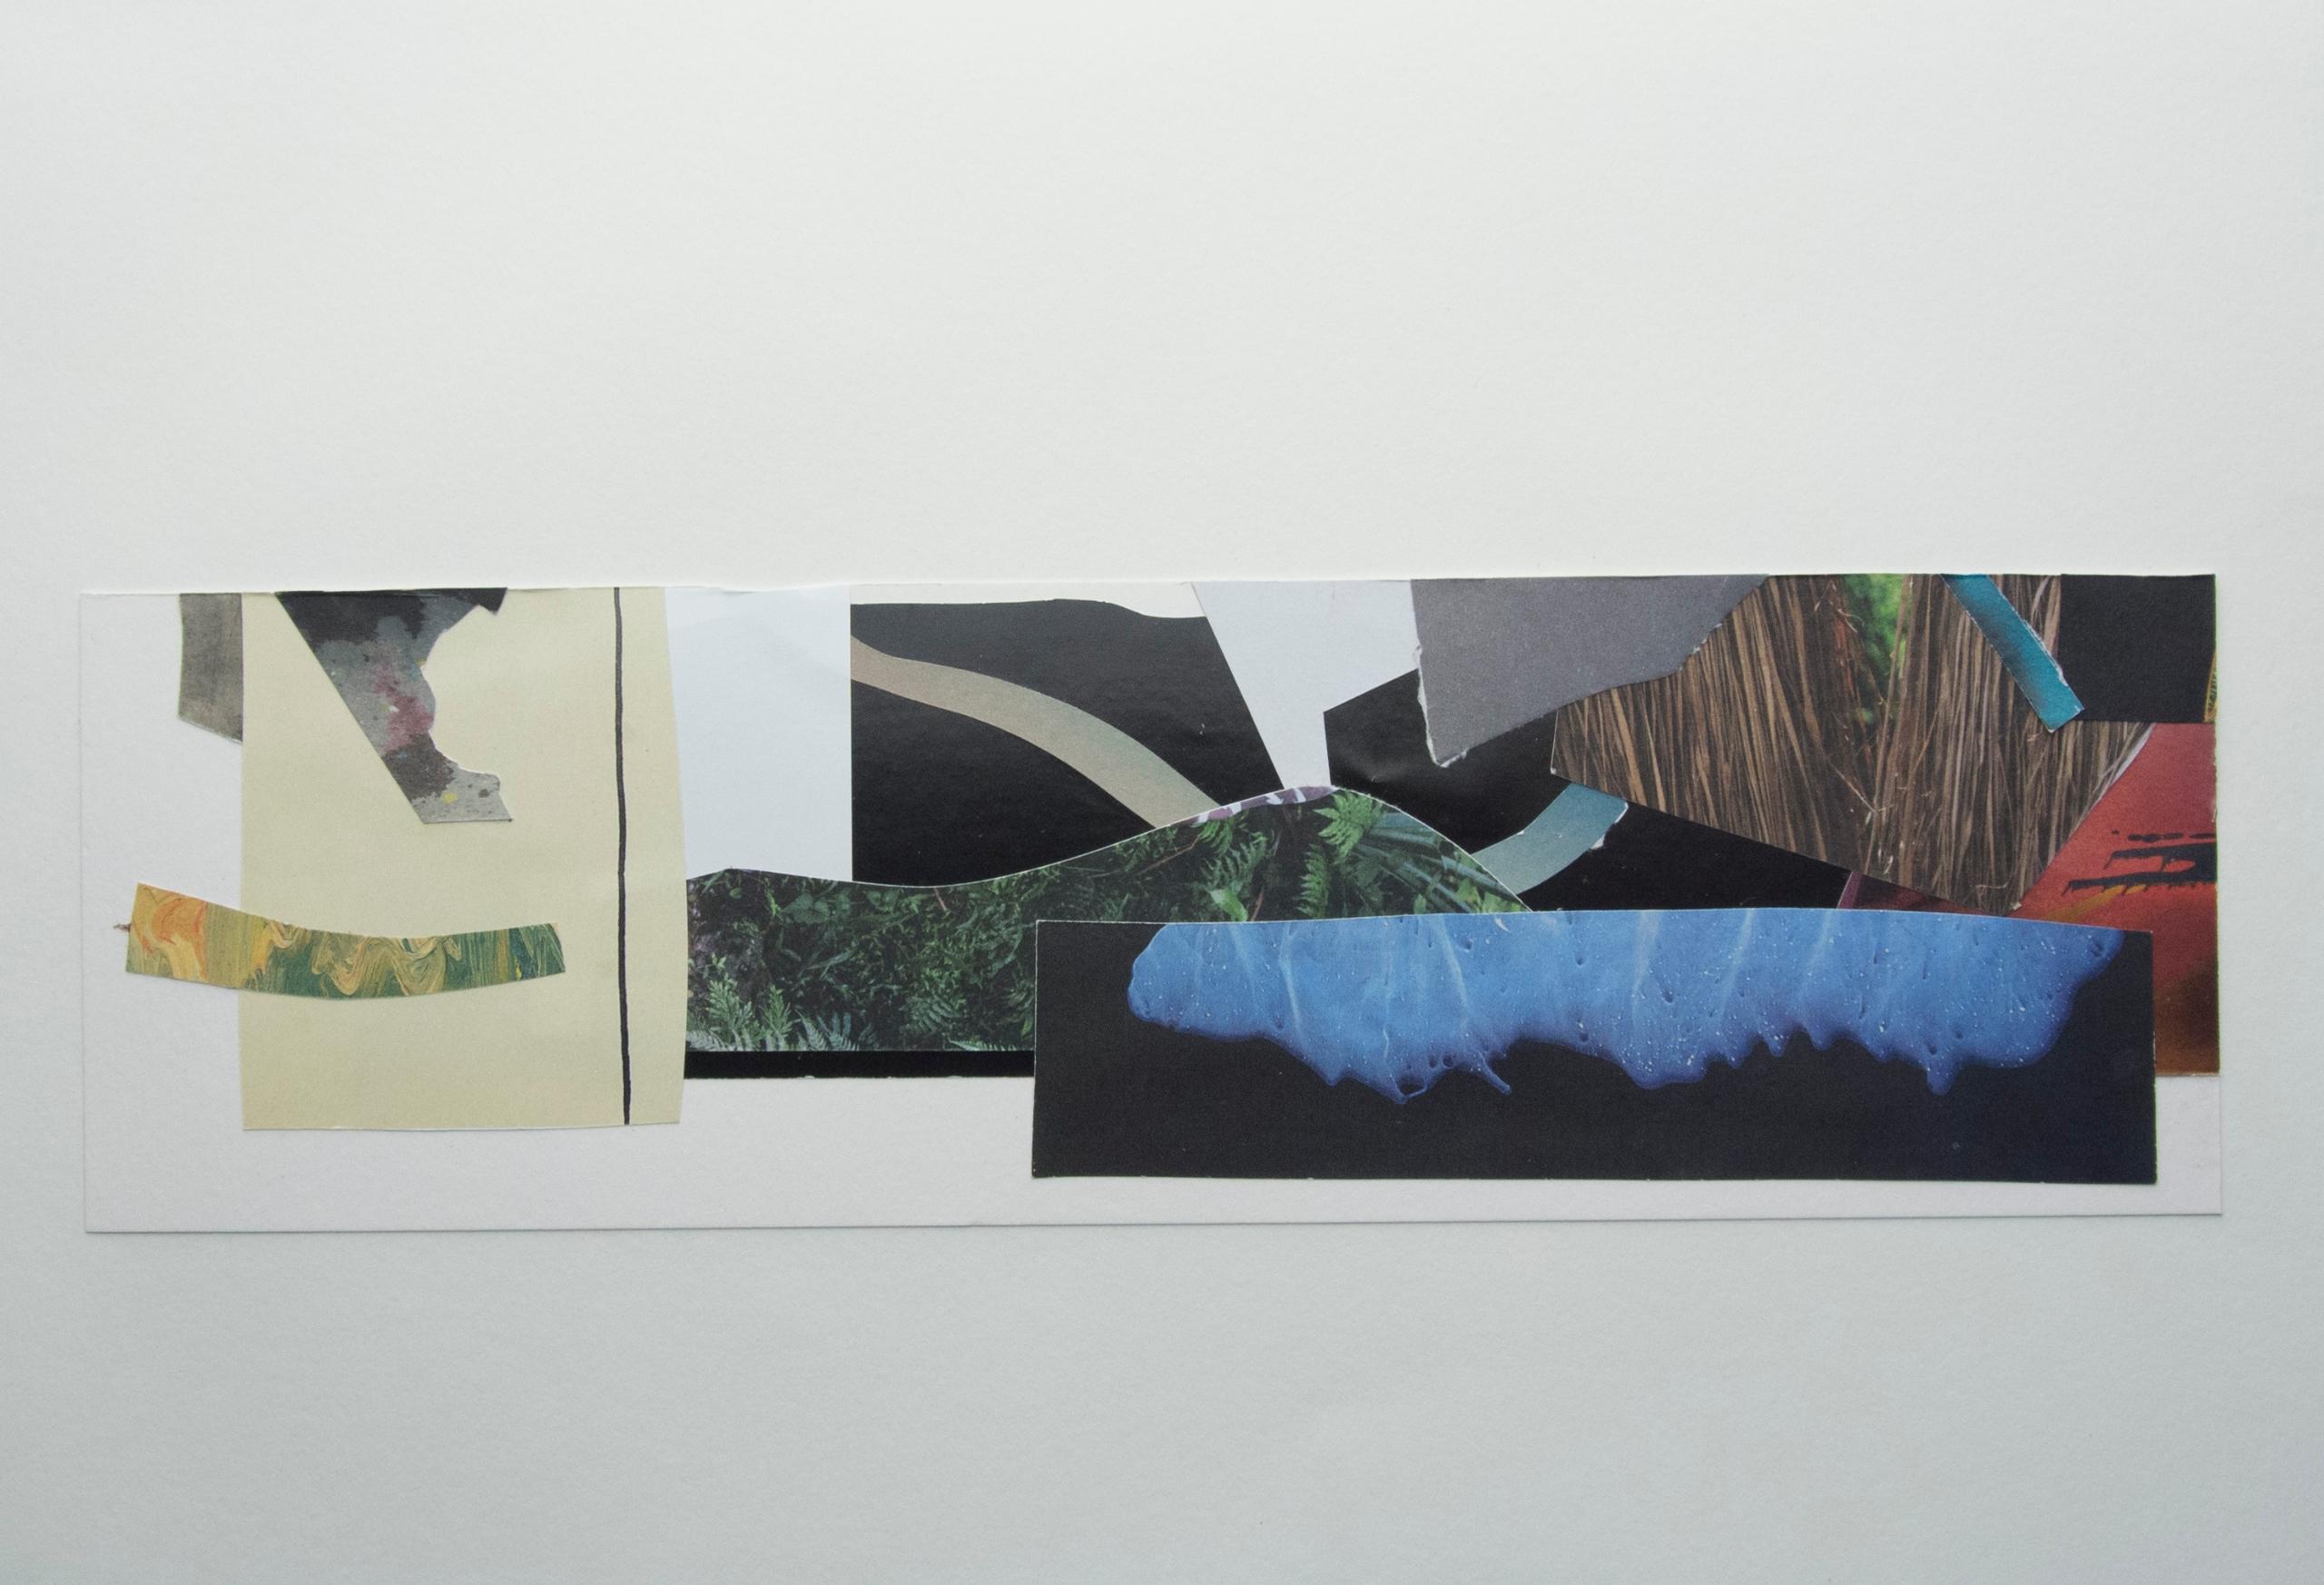 Mountains Hills, Collage art ab - wrjenkinson | ello